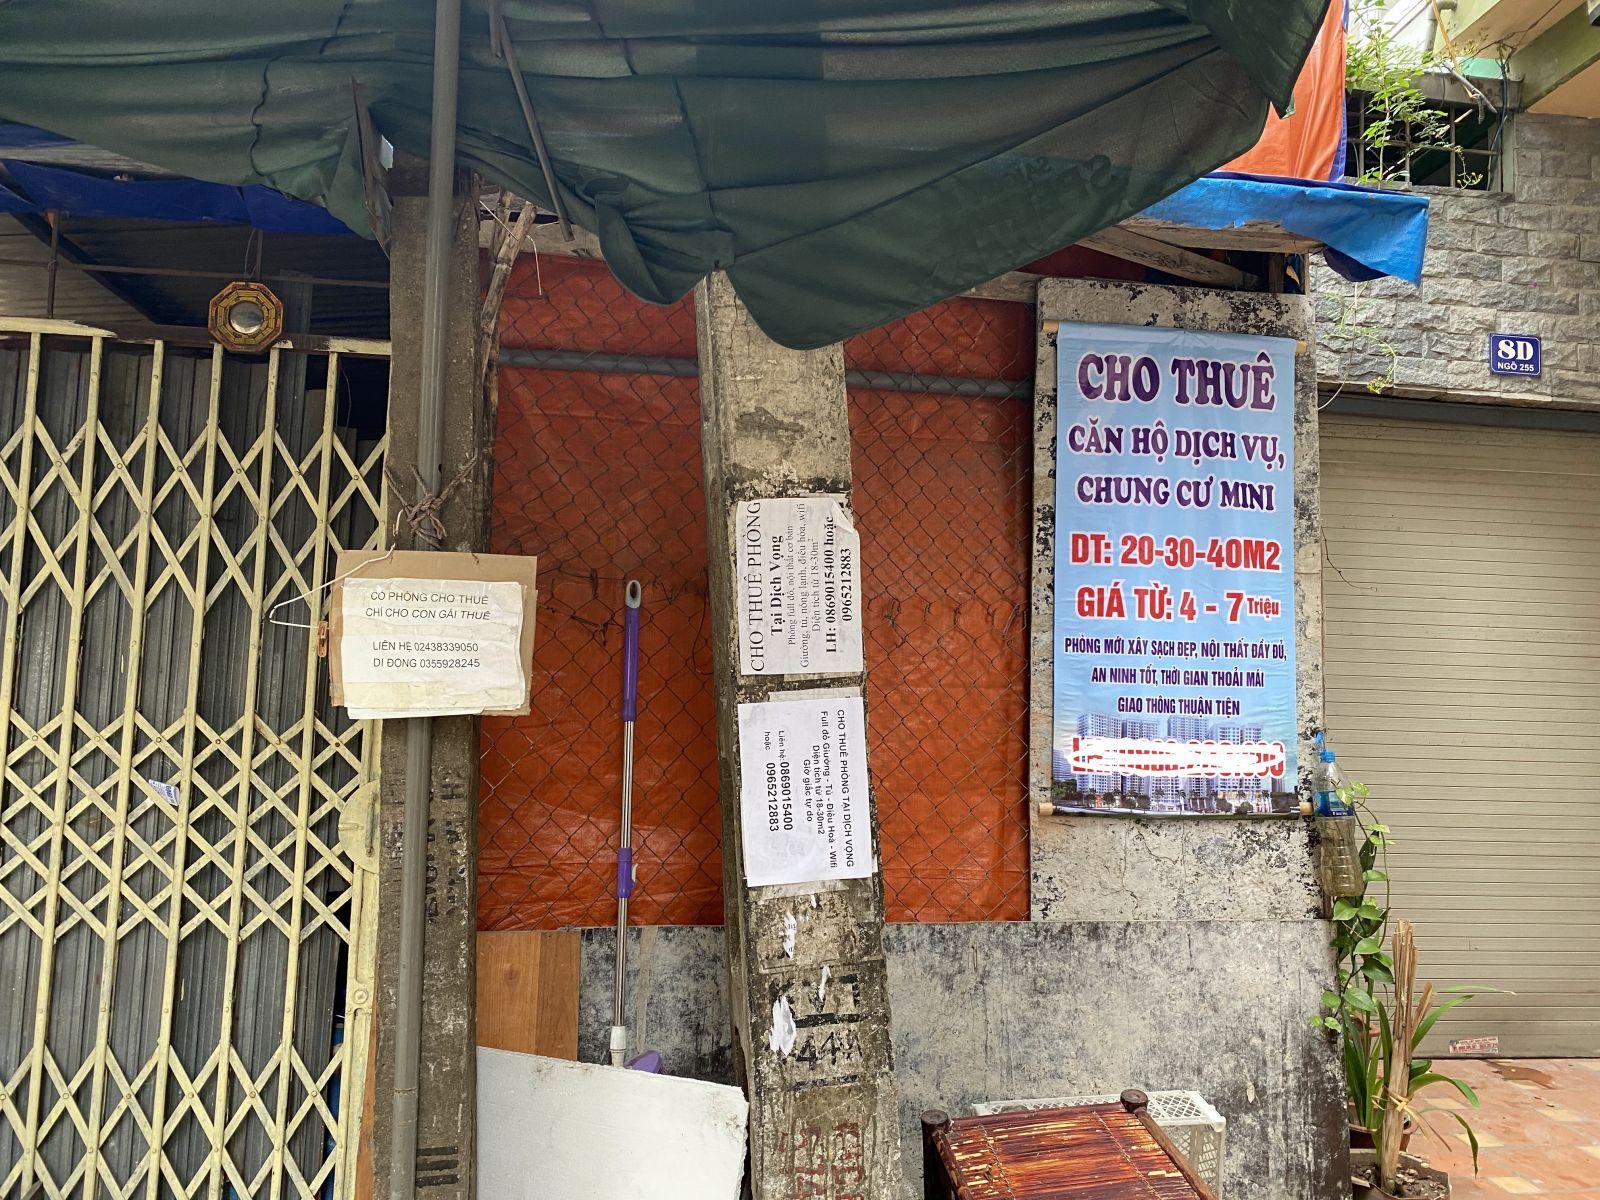 Nhà trọ cho thuê với giá rẻ cũng ế ẩm khi dịch bệnh quay trở lại